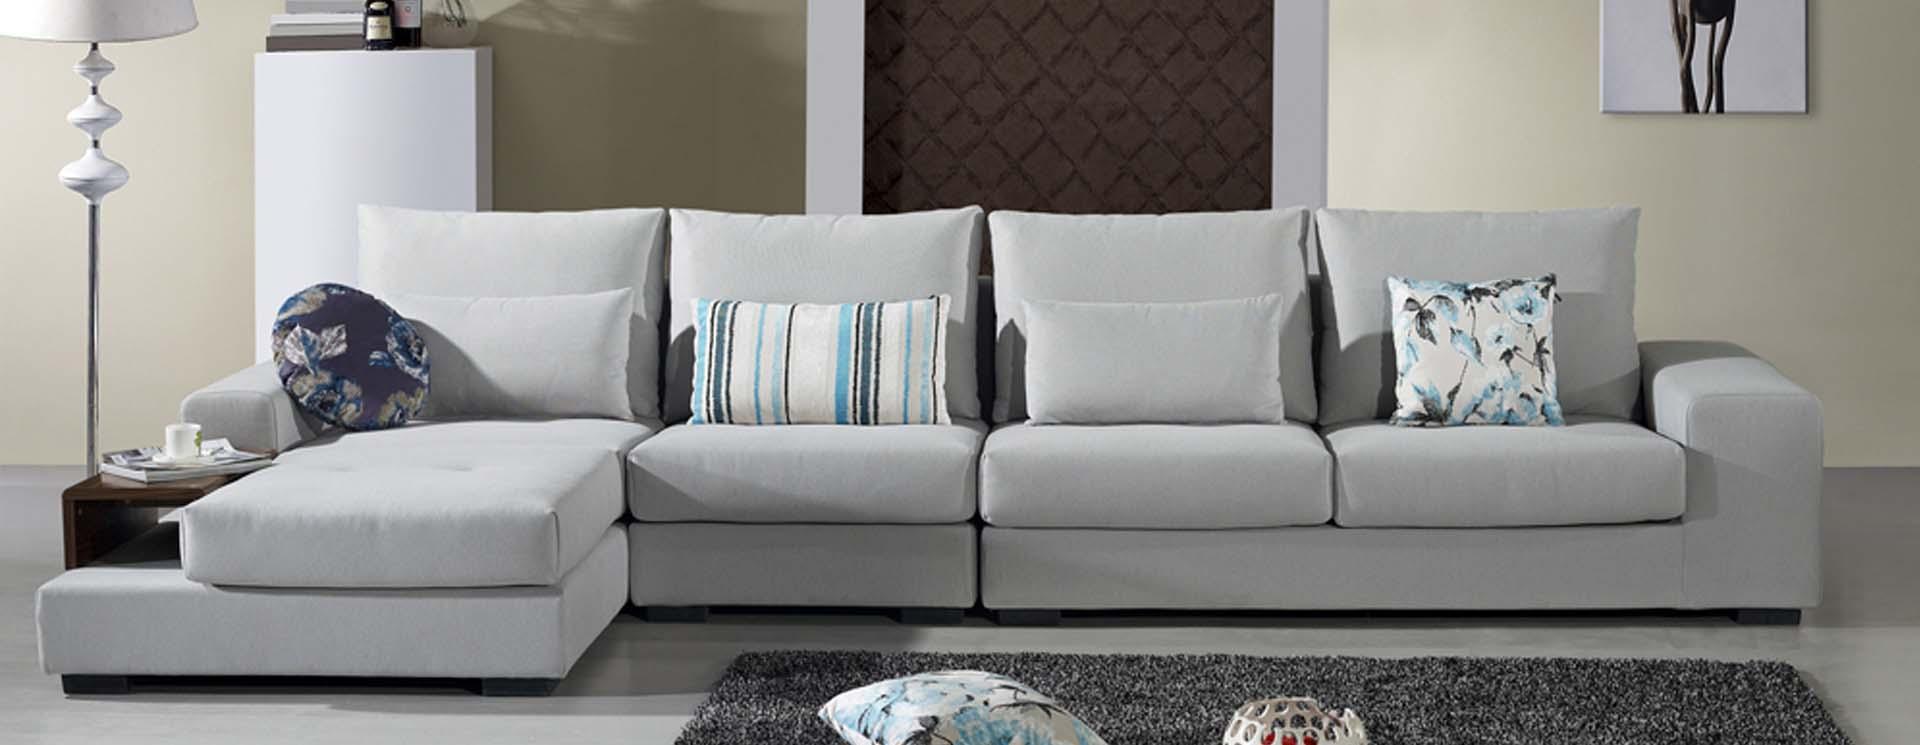 名称:沙发K583#A<br/> 市场价:<font style='color:#999;text-decoration:line-through;'>¥0</font><br />全国统一零售价:<font color='Red'>¥0.0</font>